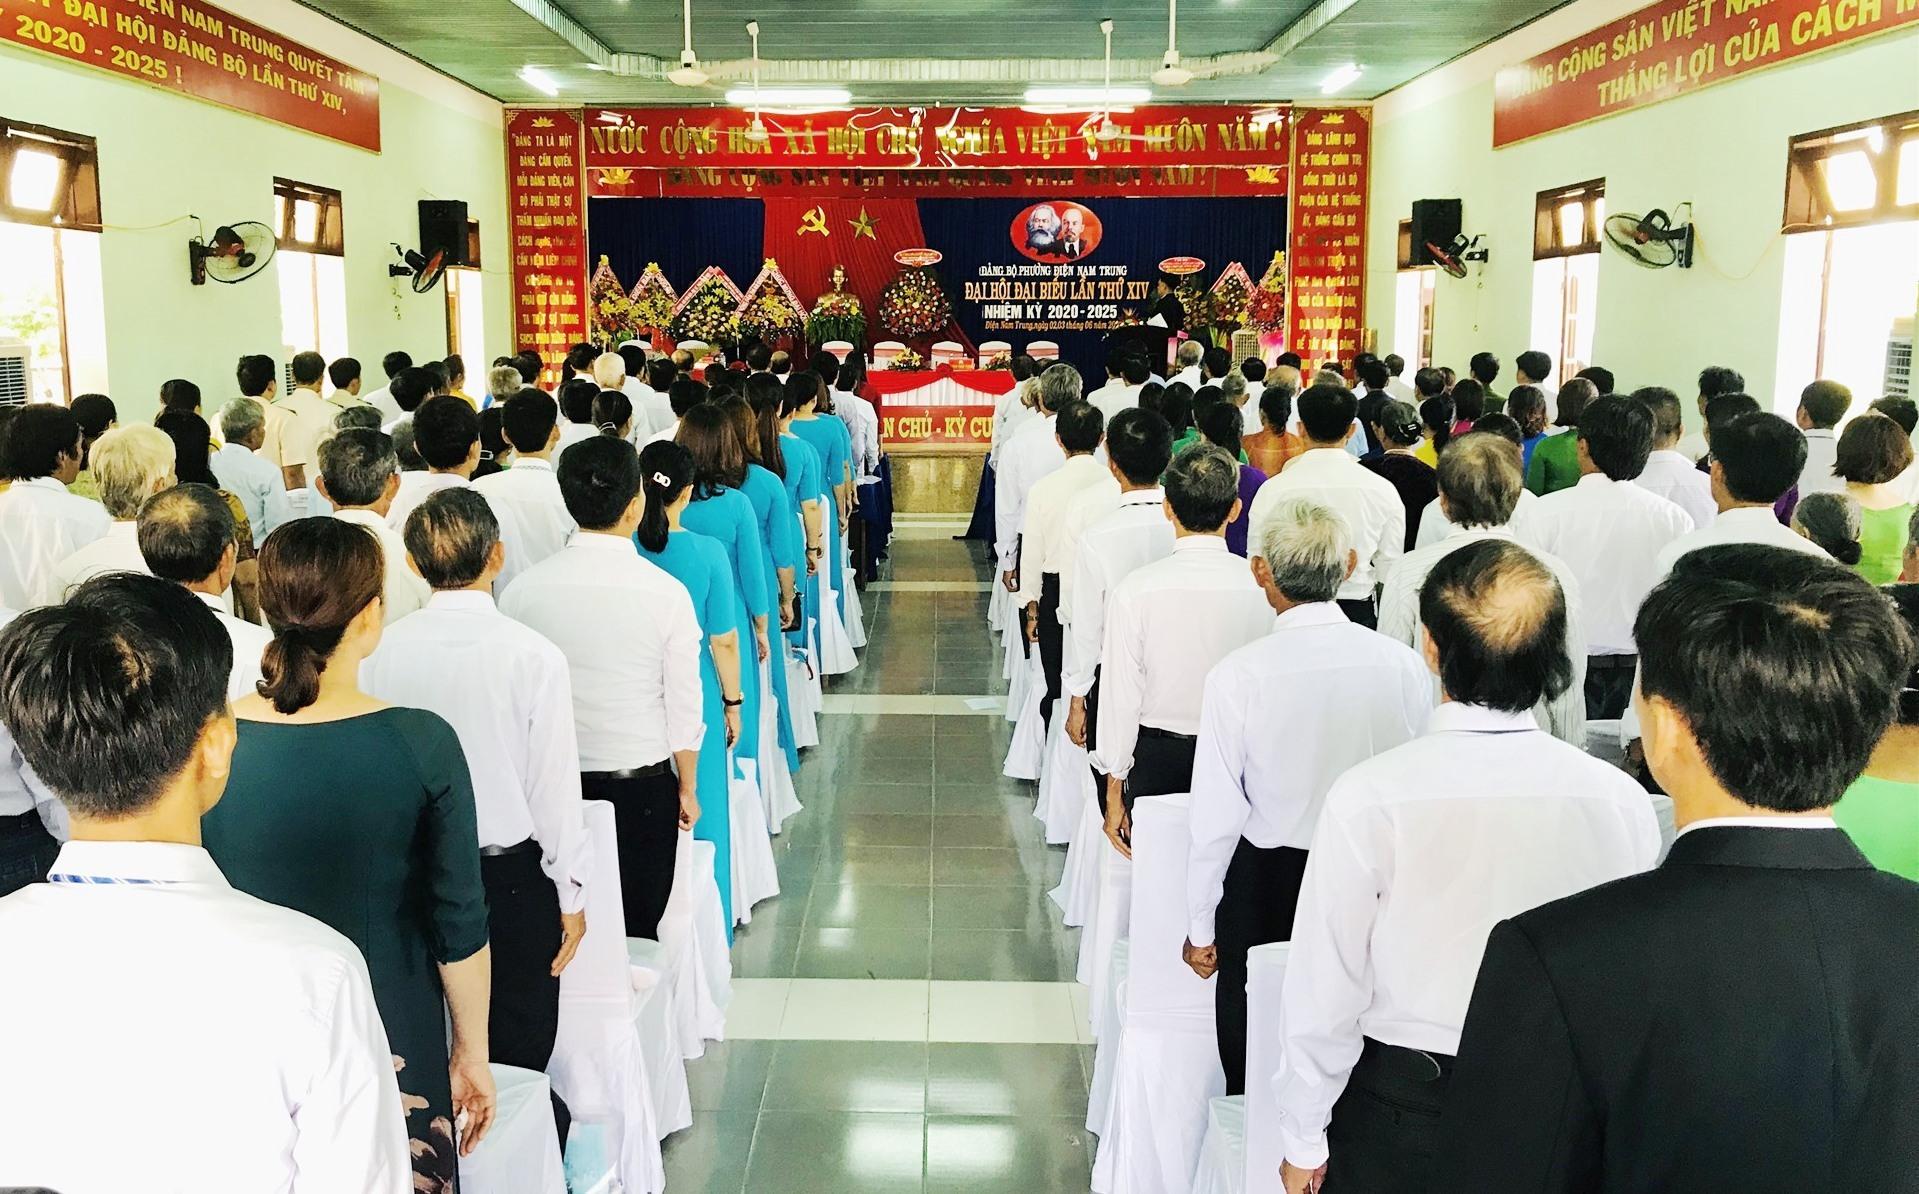 Quang cảnh đại hội Đảng bộ phường Điện Nam Trung. Ảnh: Q.T